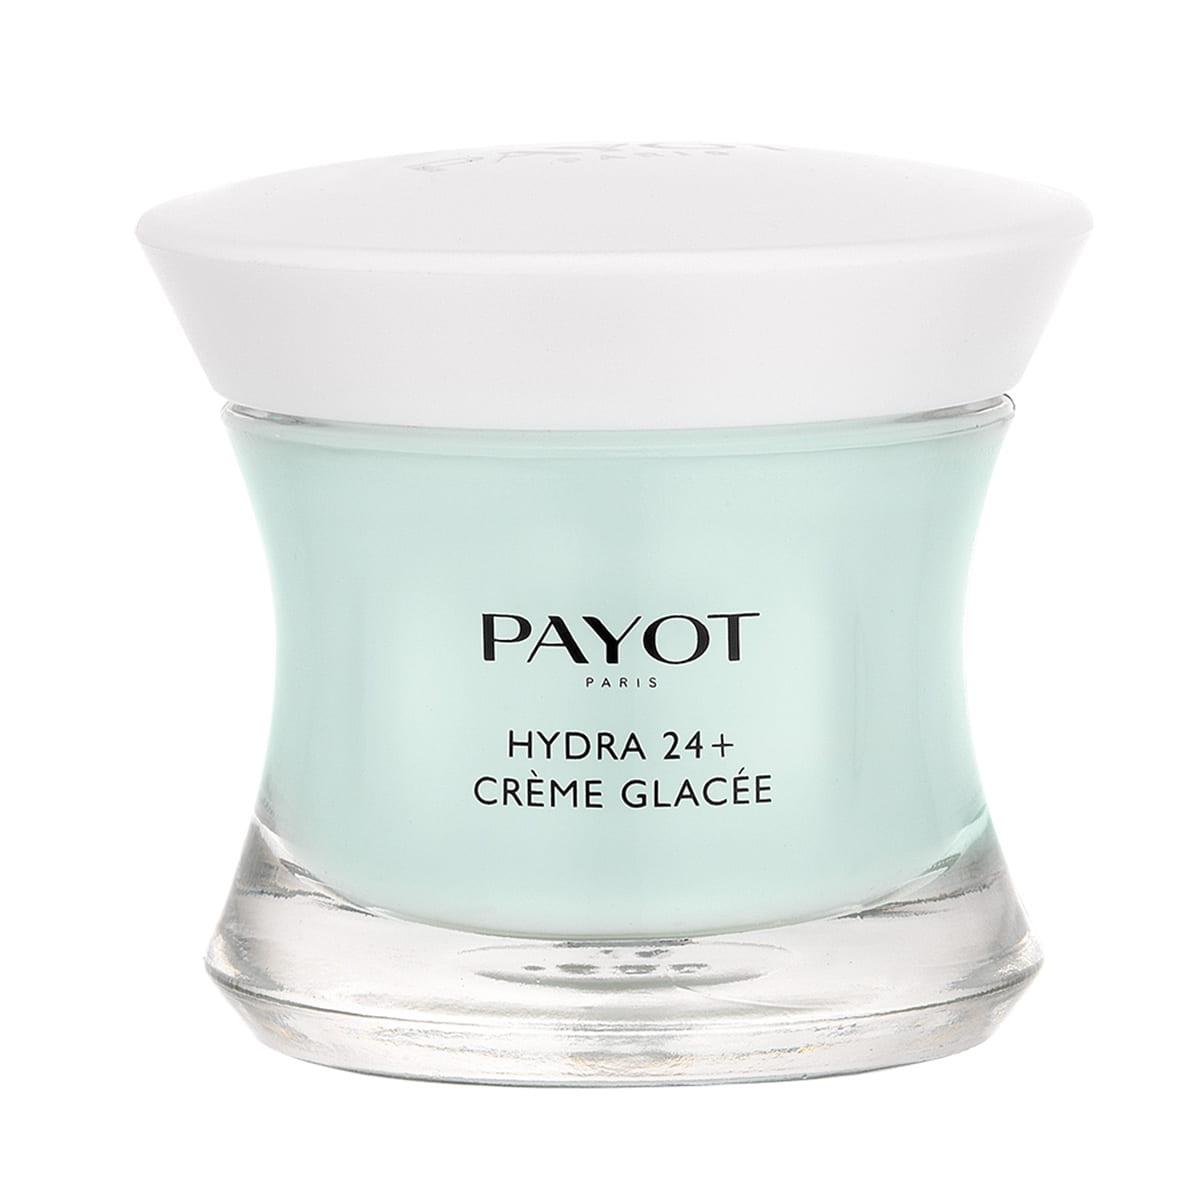 Payot - Hydra 24 + Crème Glacée